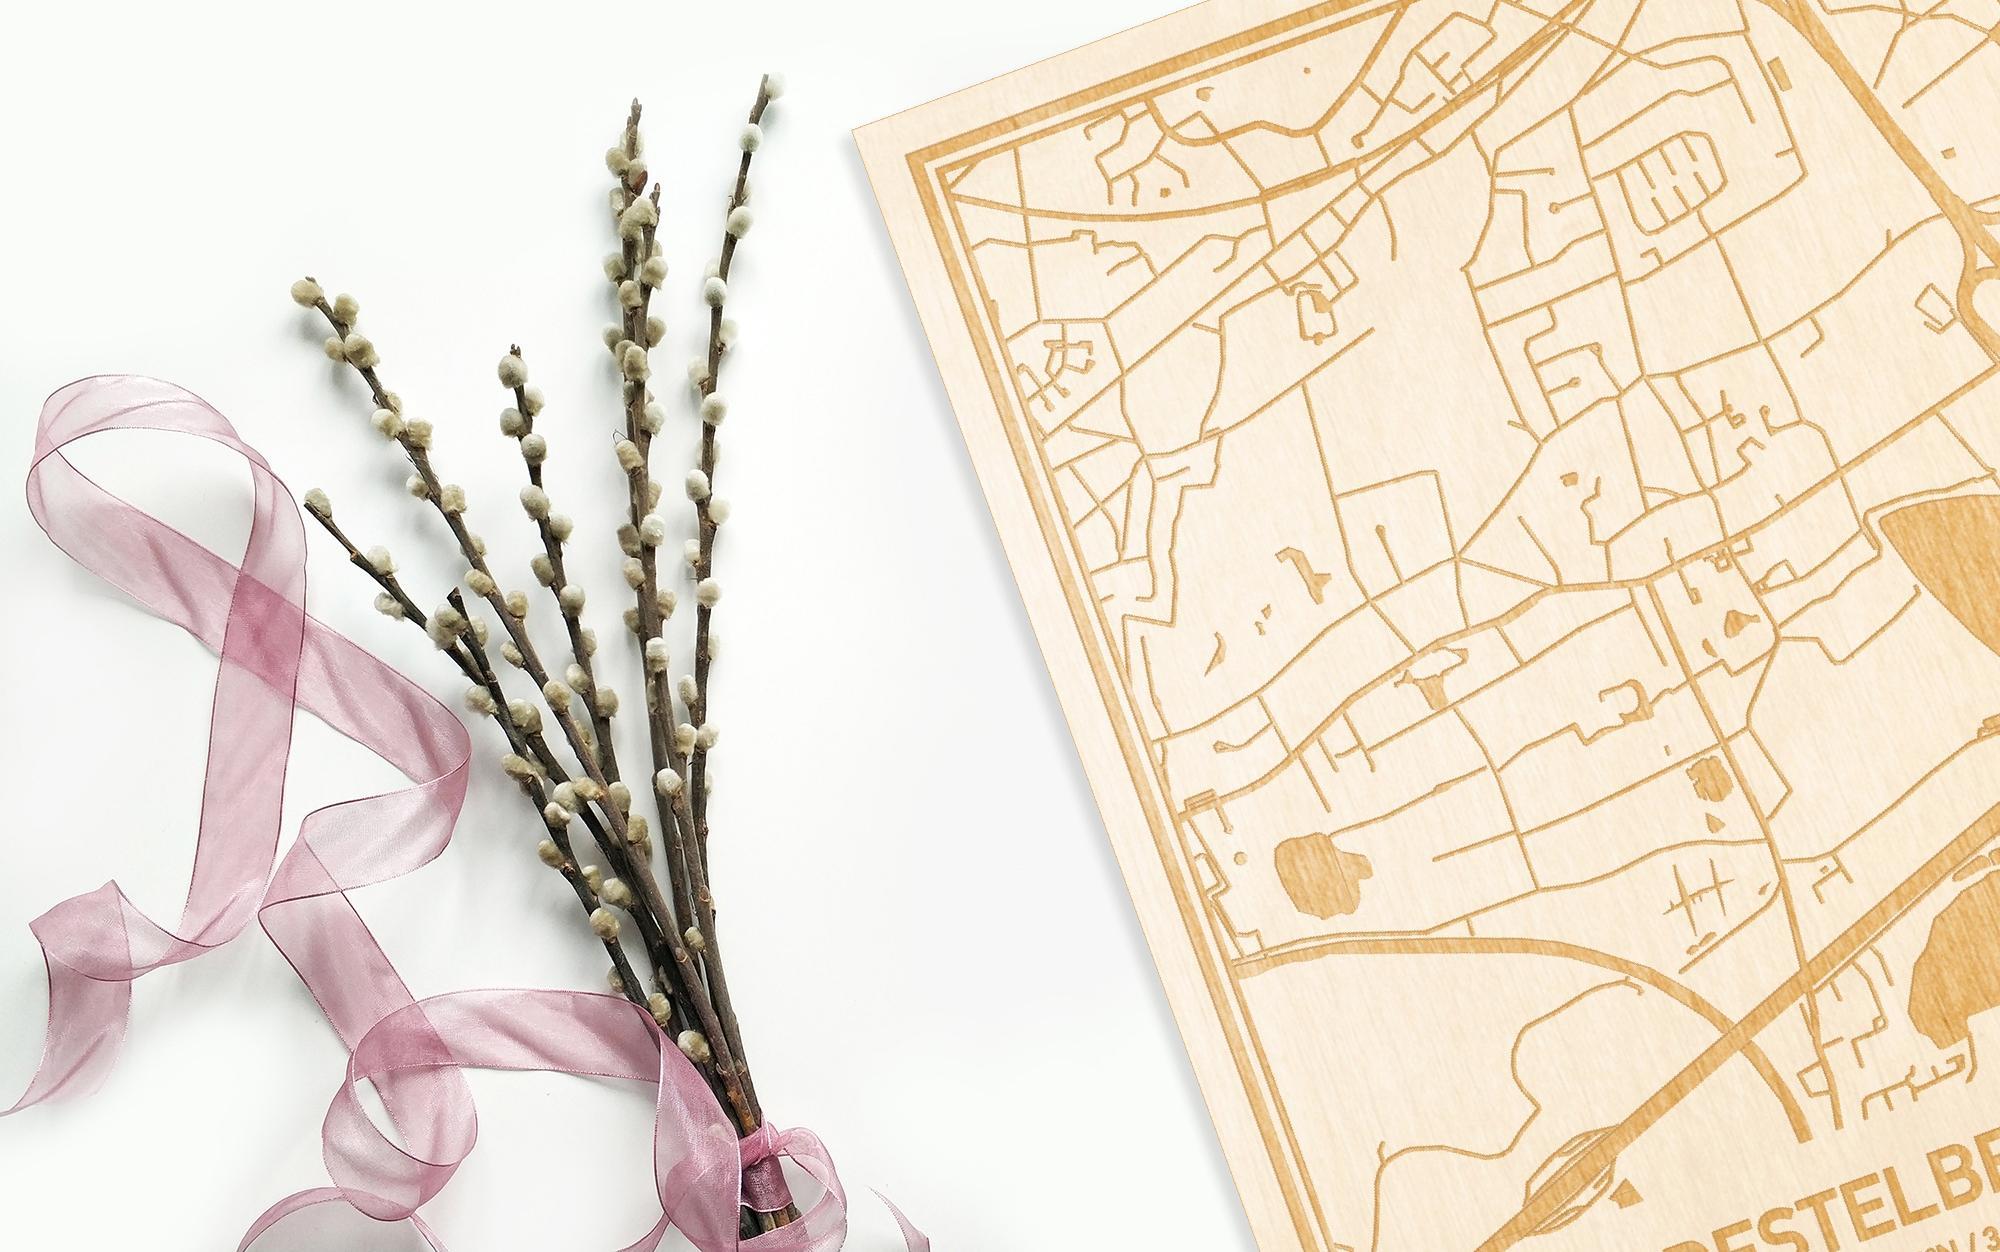 Hier ligt de houten plattegrond Destelbergen naast een bloemetje als gepersonaliseerd cadeau voor haar.